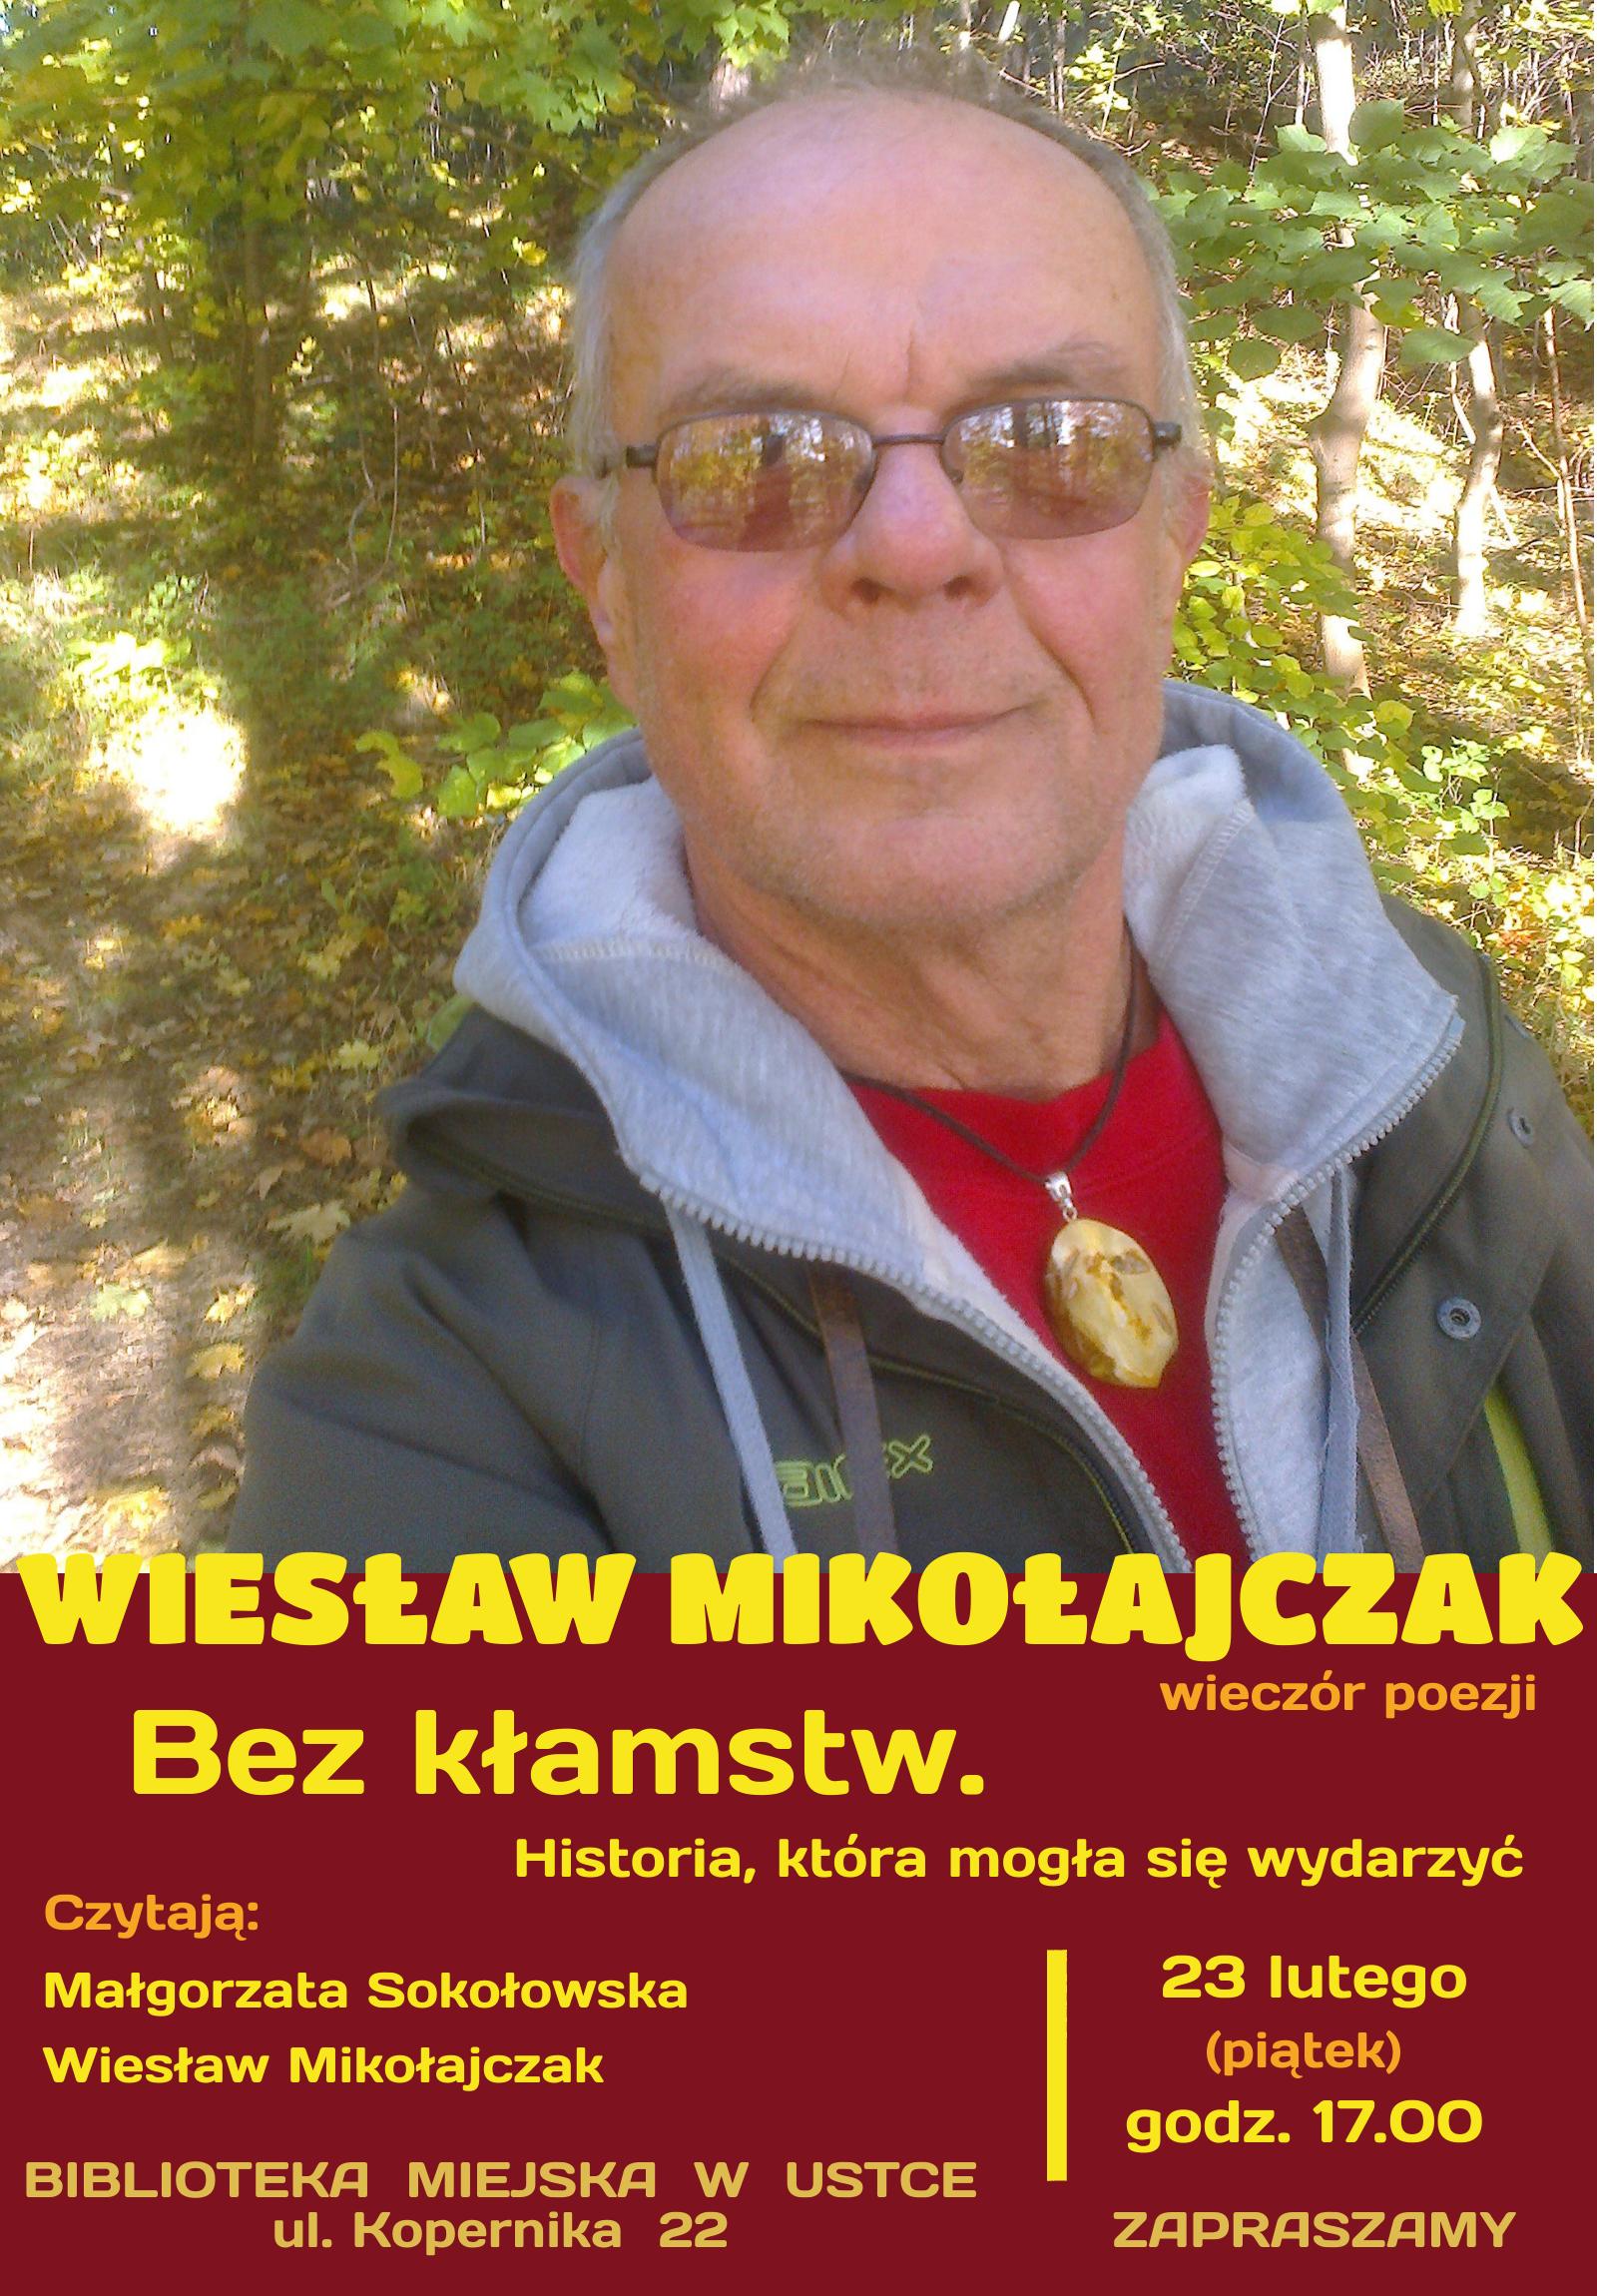 Wiesław Mikolajczak wieczór poezji plakat